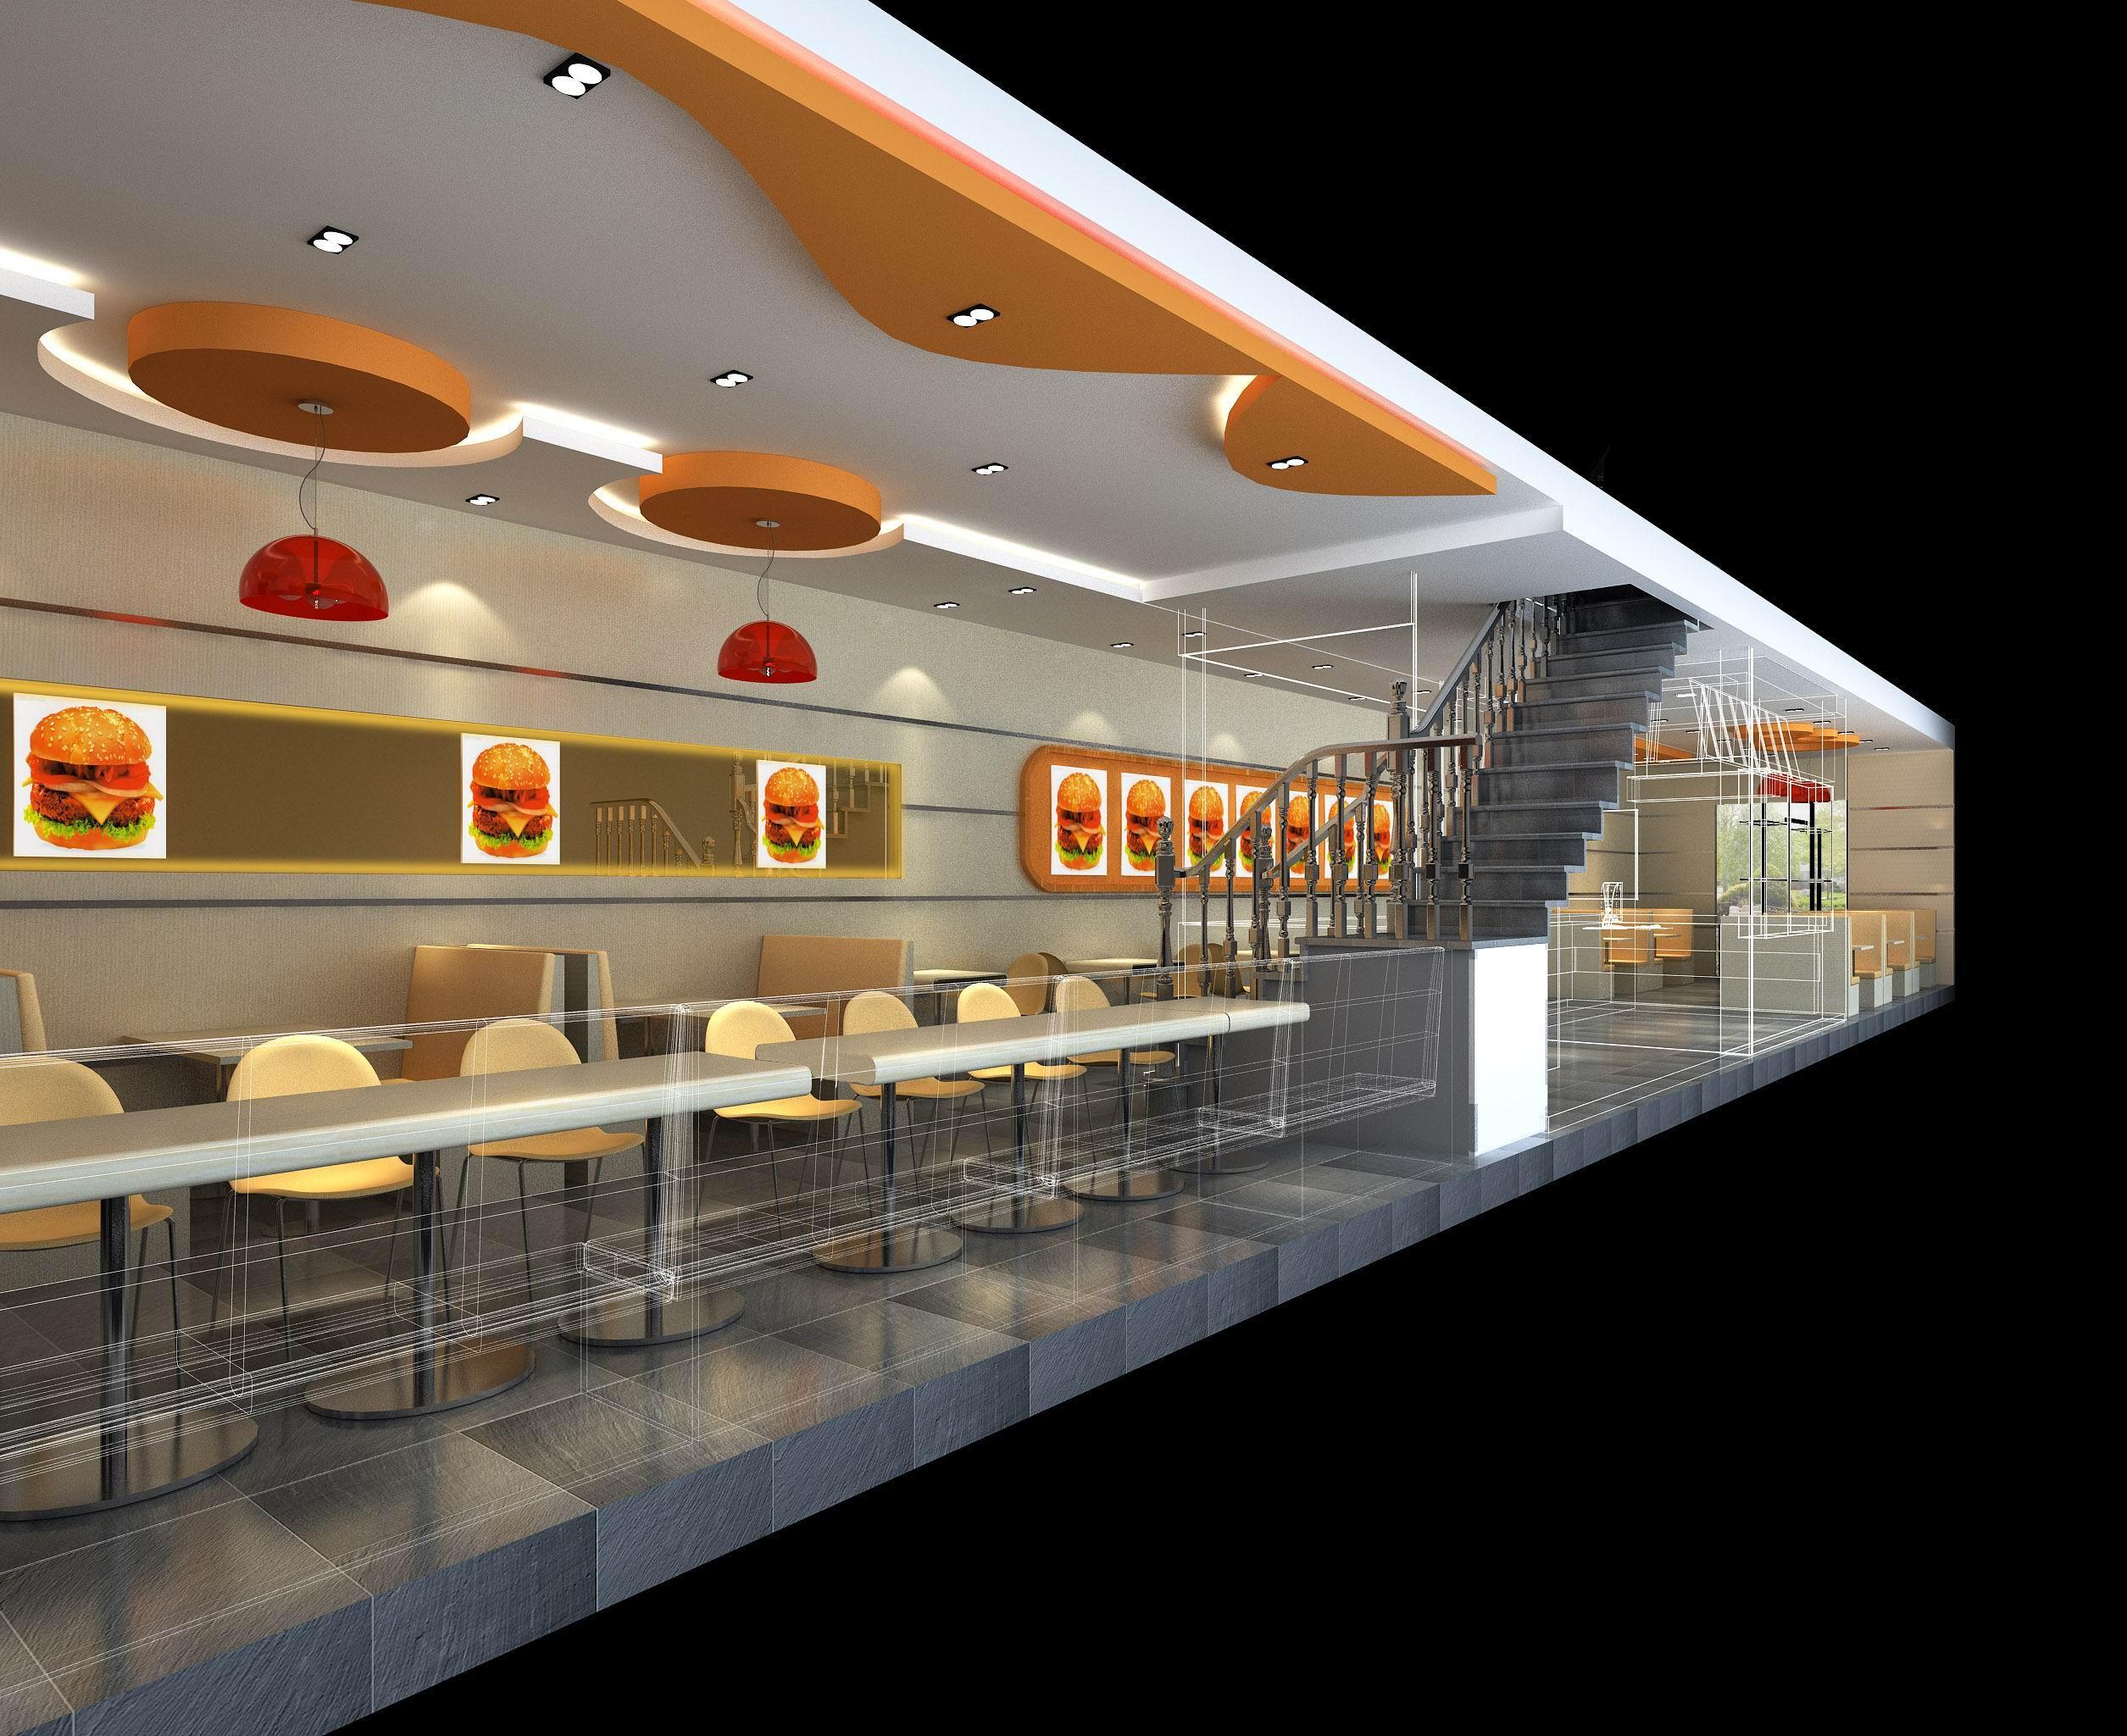 郑州快餐店装修设计,郑州快餐馆装修设计基本要求1234案例图片 中